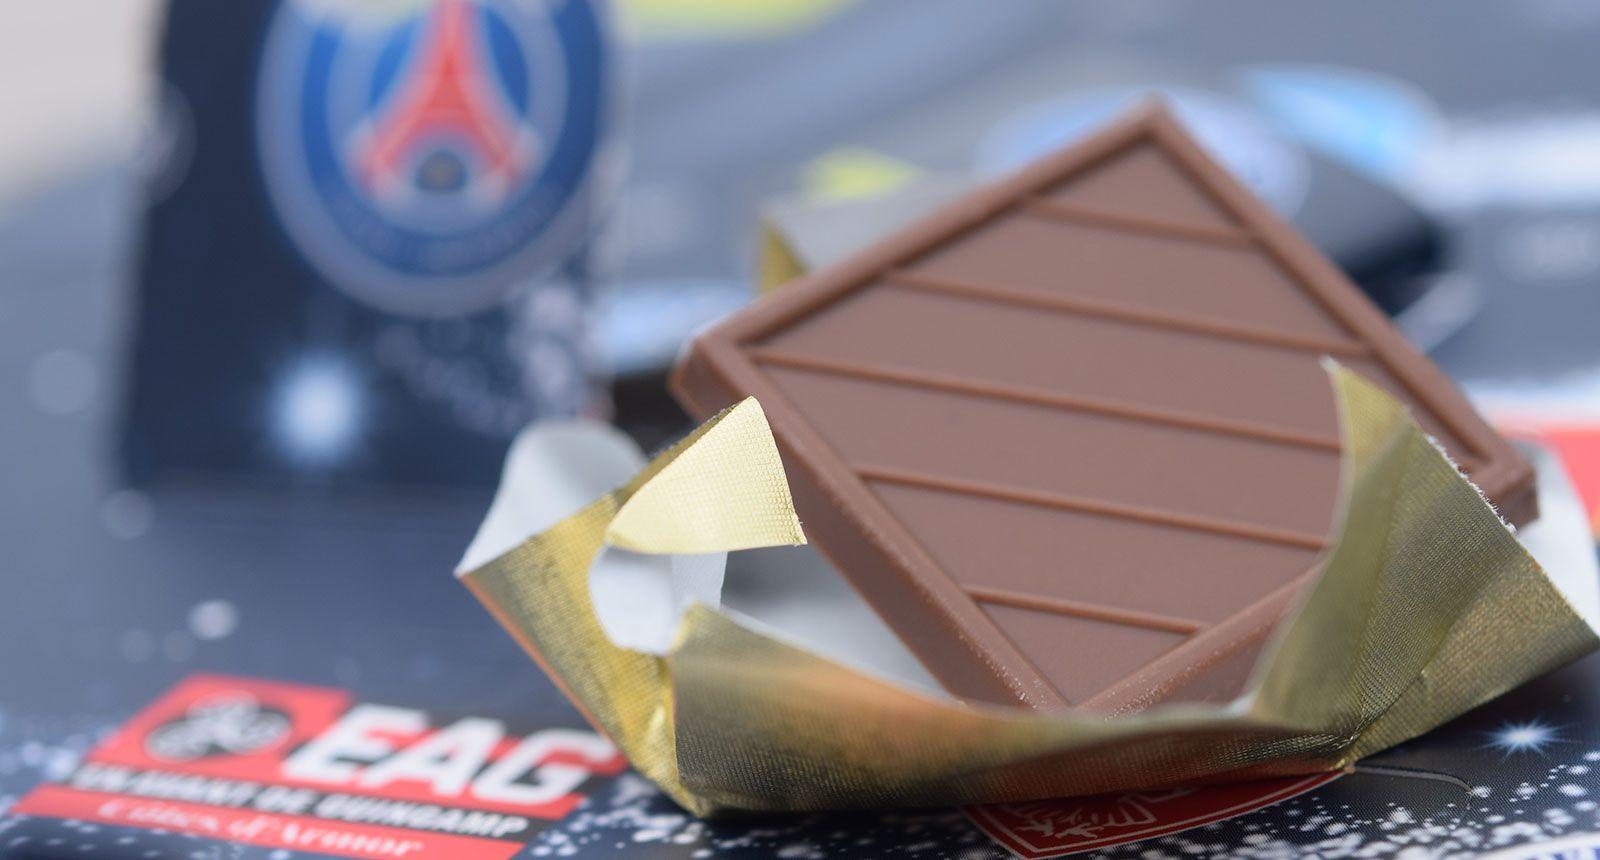 Calendrier de l'avent - Chocolat d'événement - Publigourmet